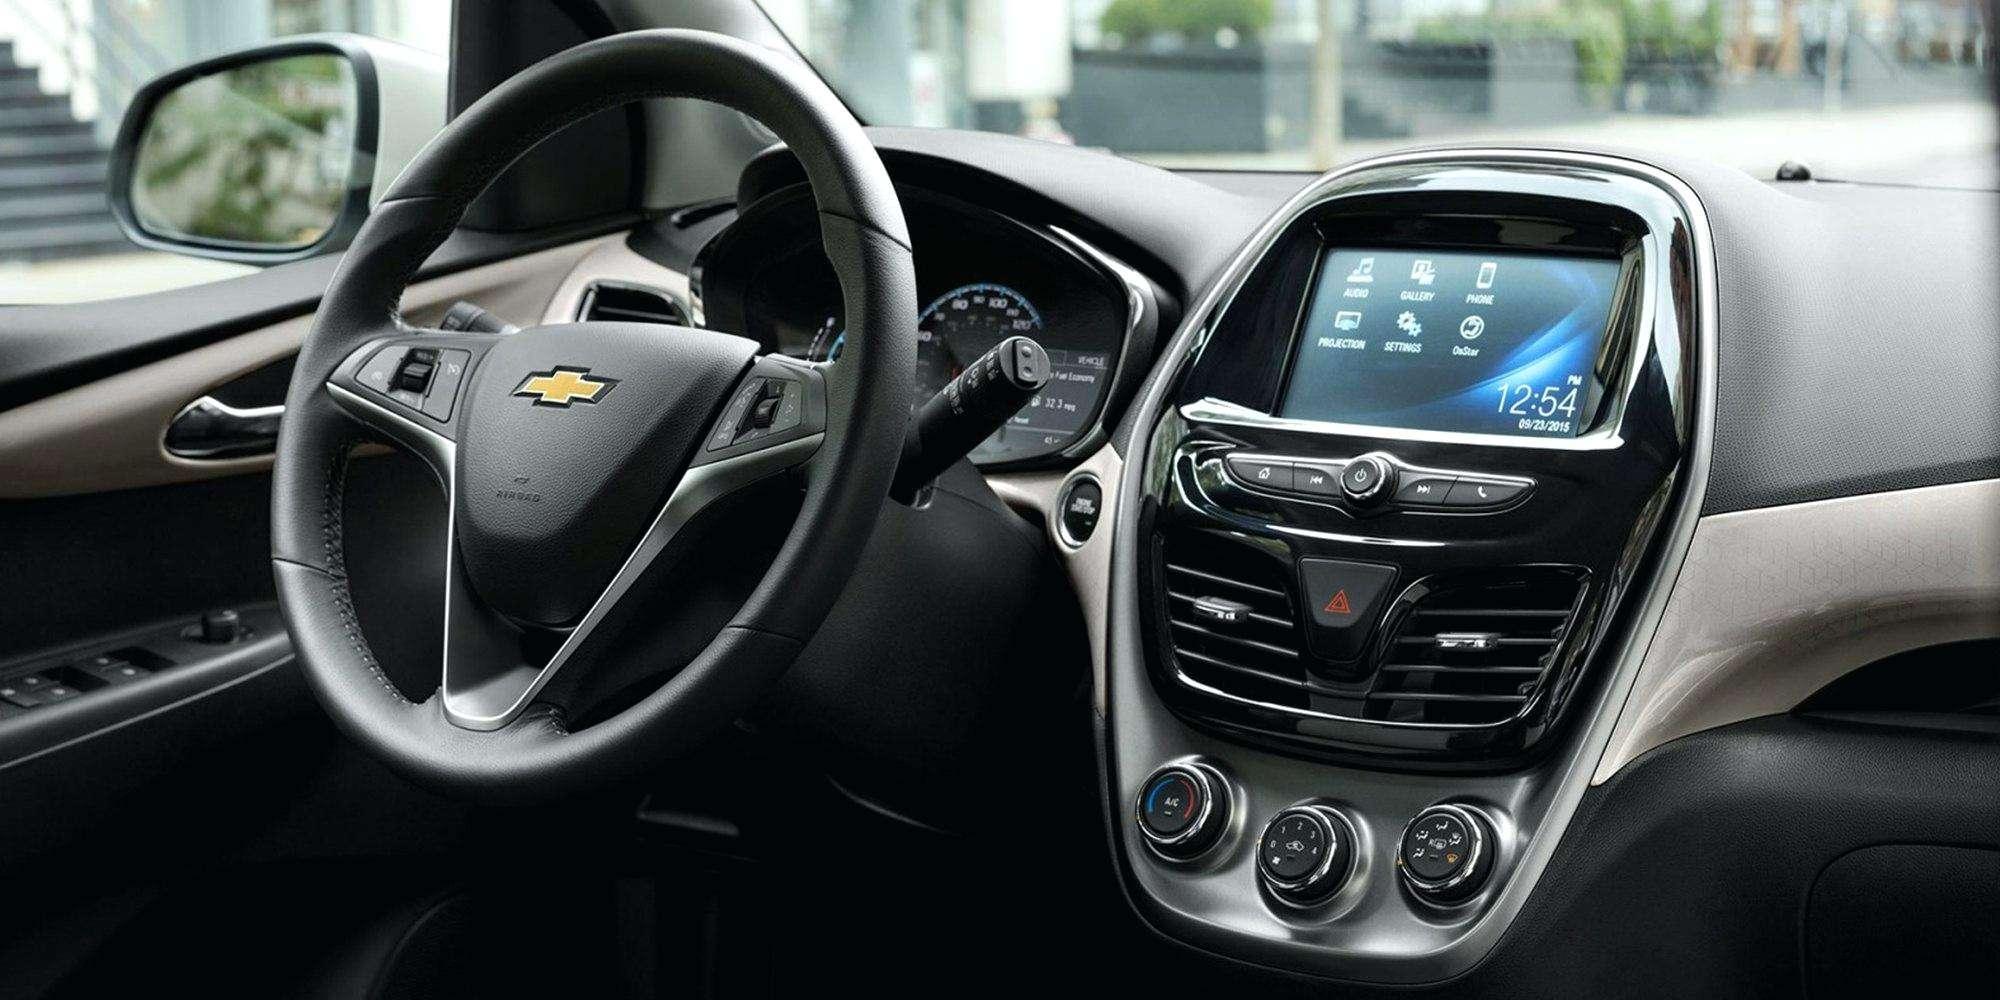 Видео-обзор Chevrolet Spark 2019-2020